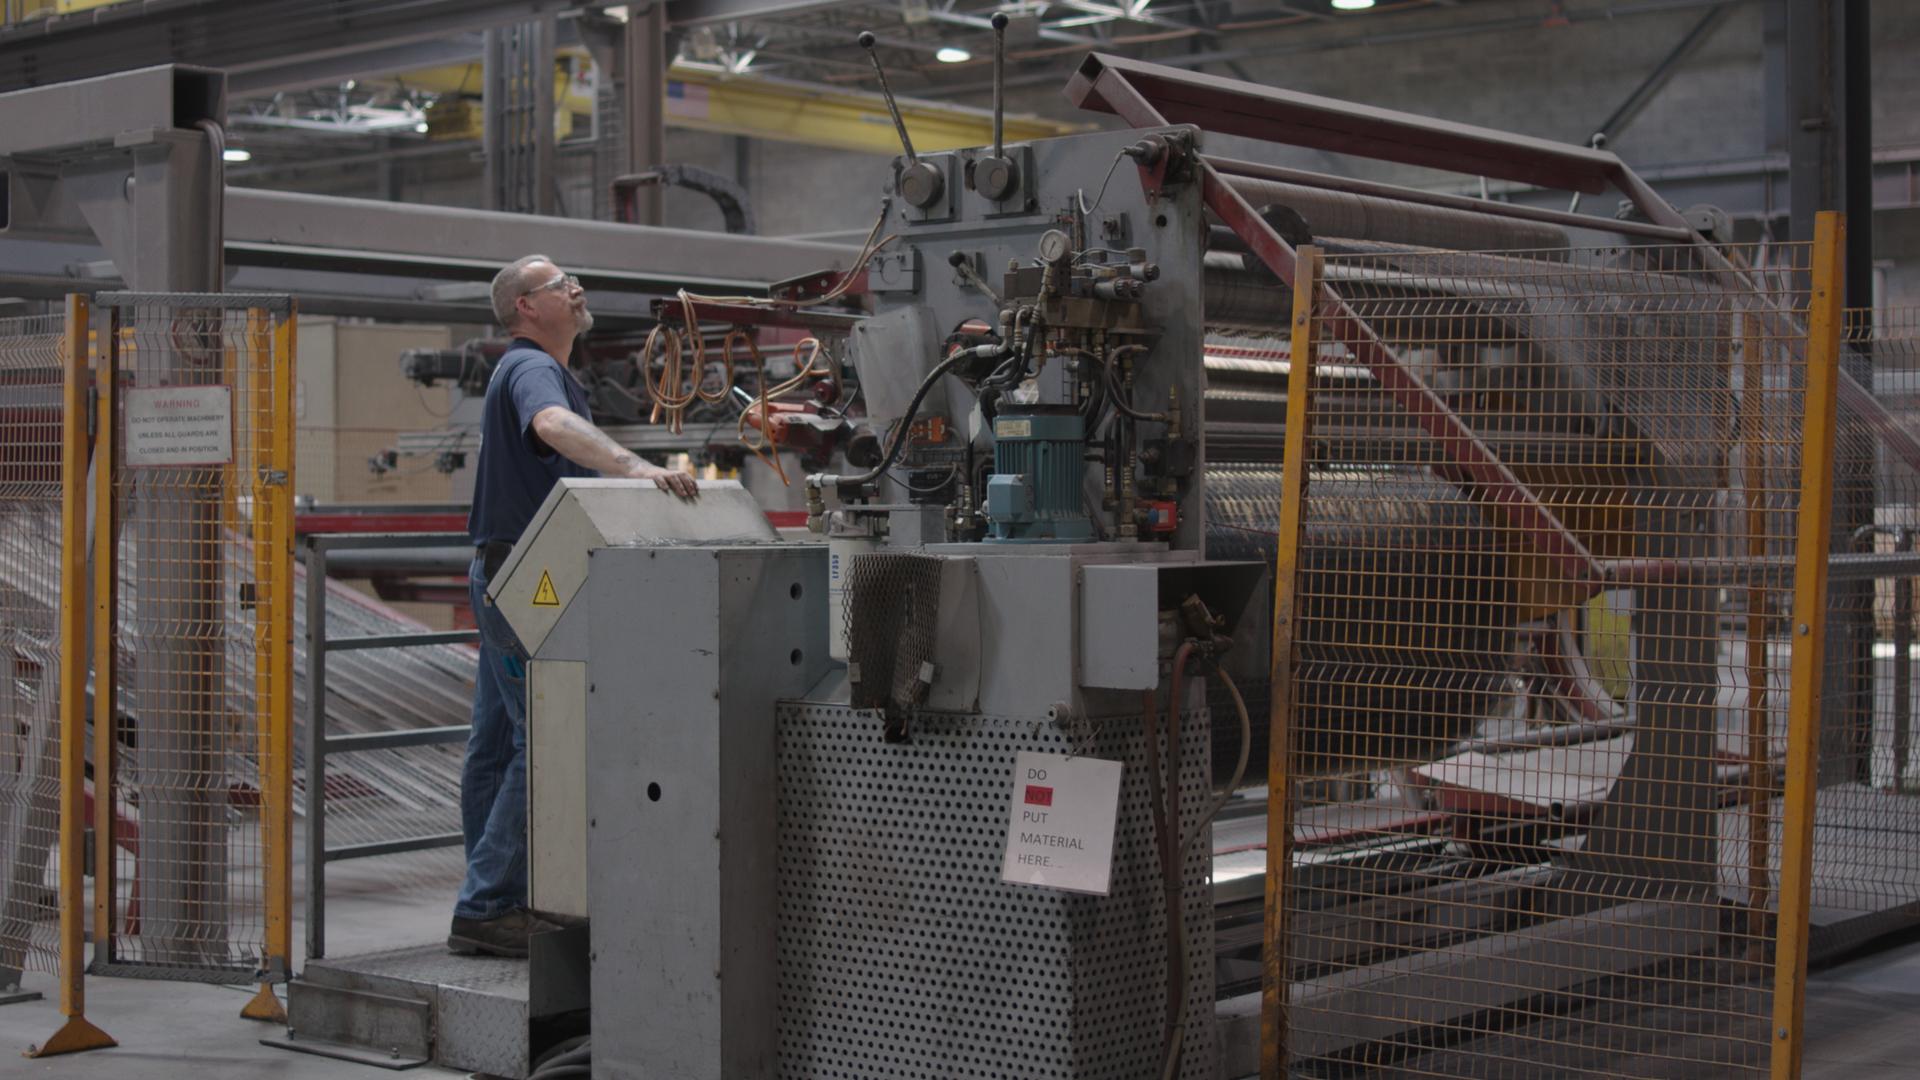 Steel tariffs make lobster traps more expensive  Lobster